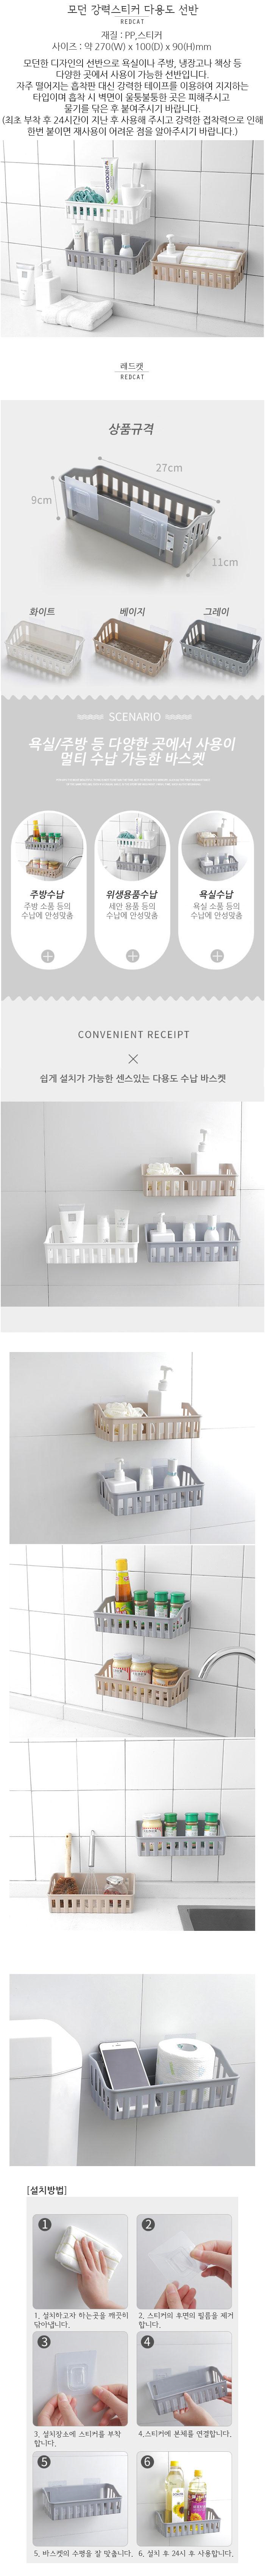 모던 강력스티커 다용도 선반 - 네코리빙, 3,200원, 정리용품/청소, 욕실선반/걸이